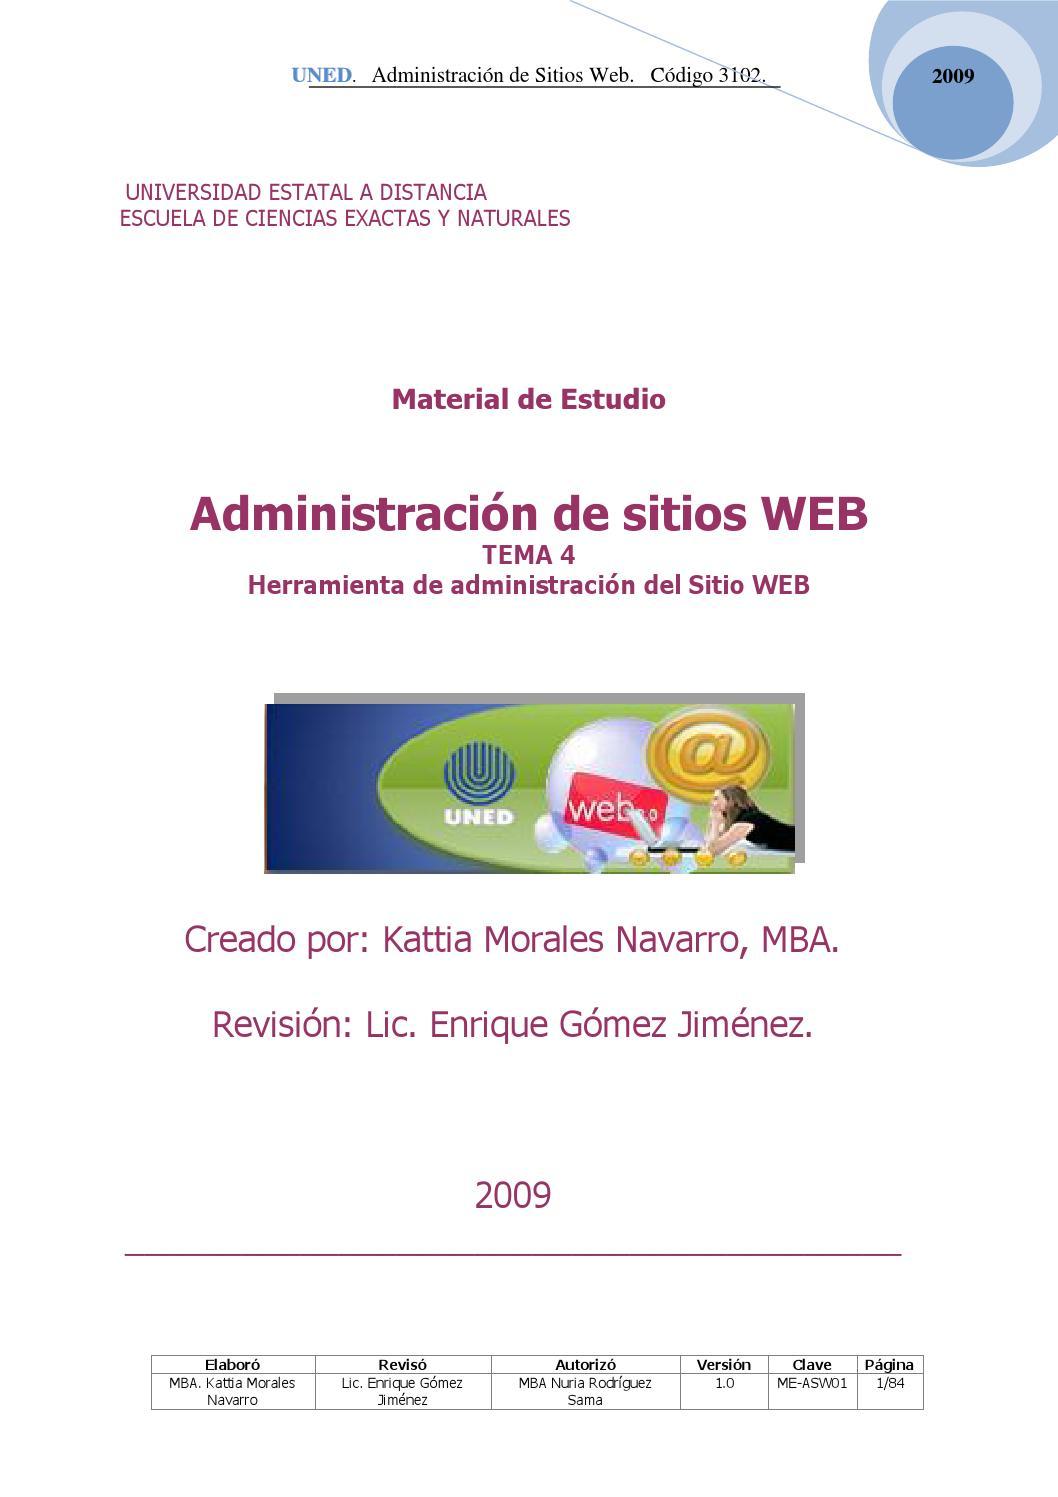 Tema 4 administracion de sitios web 3102 by Jose Gomez - issuu